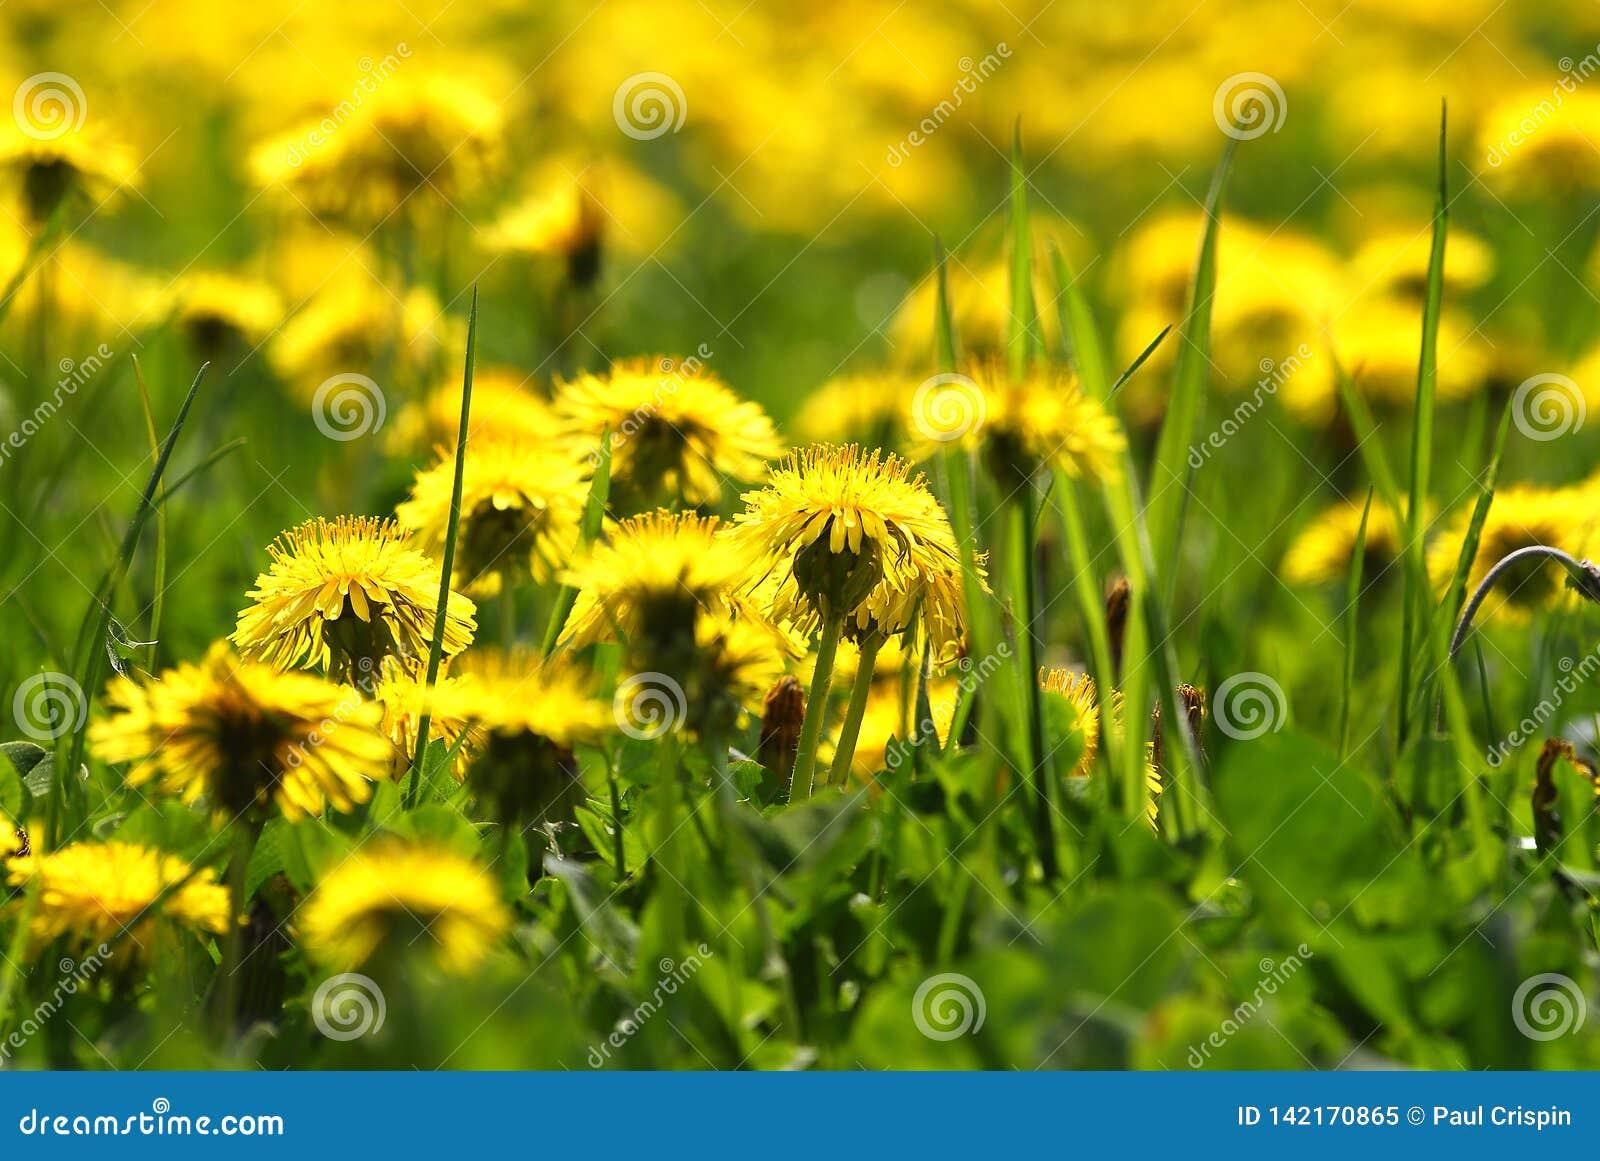 Dandelions in Grass meadow